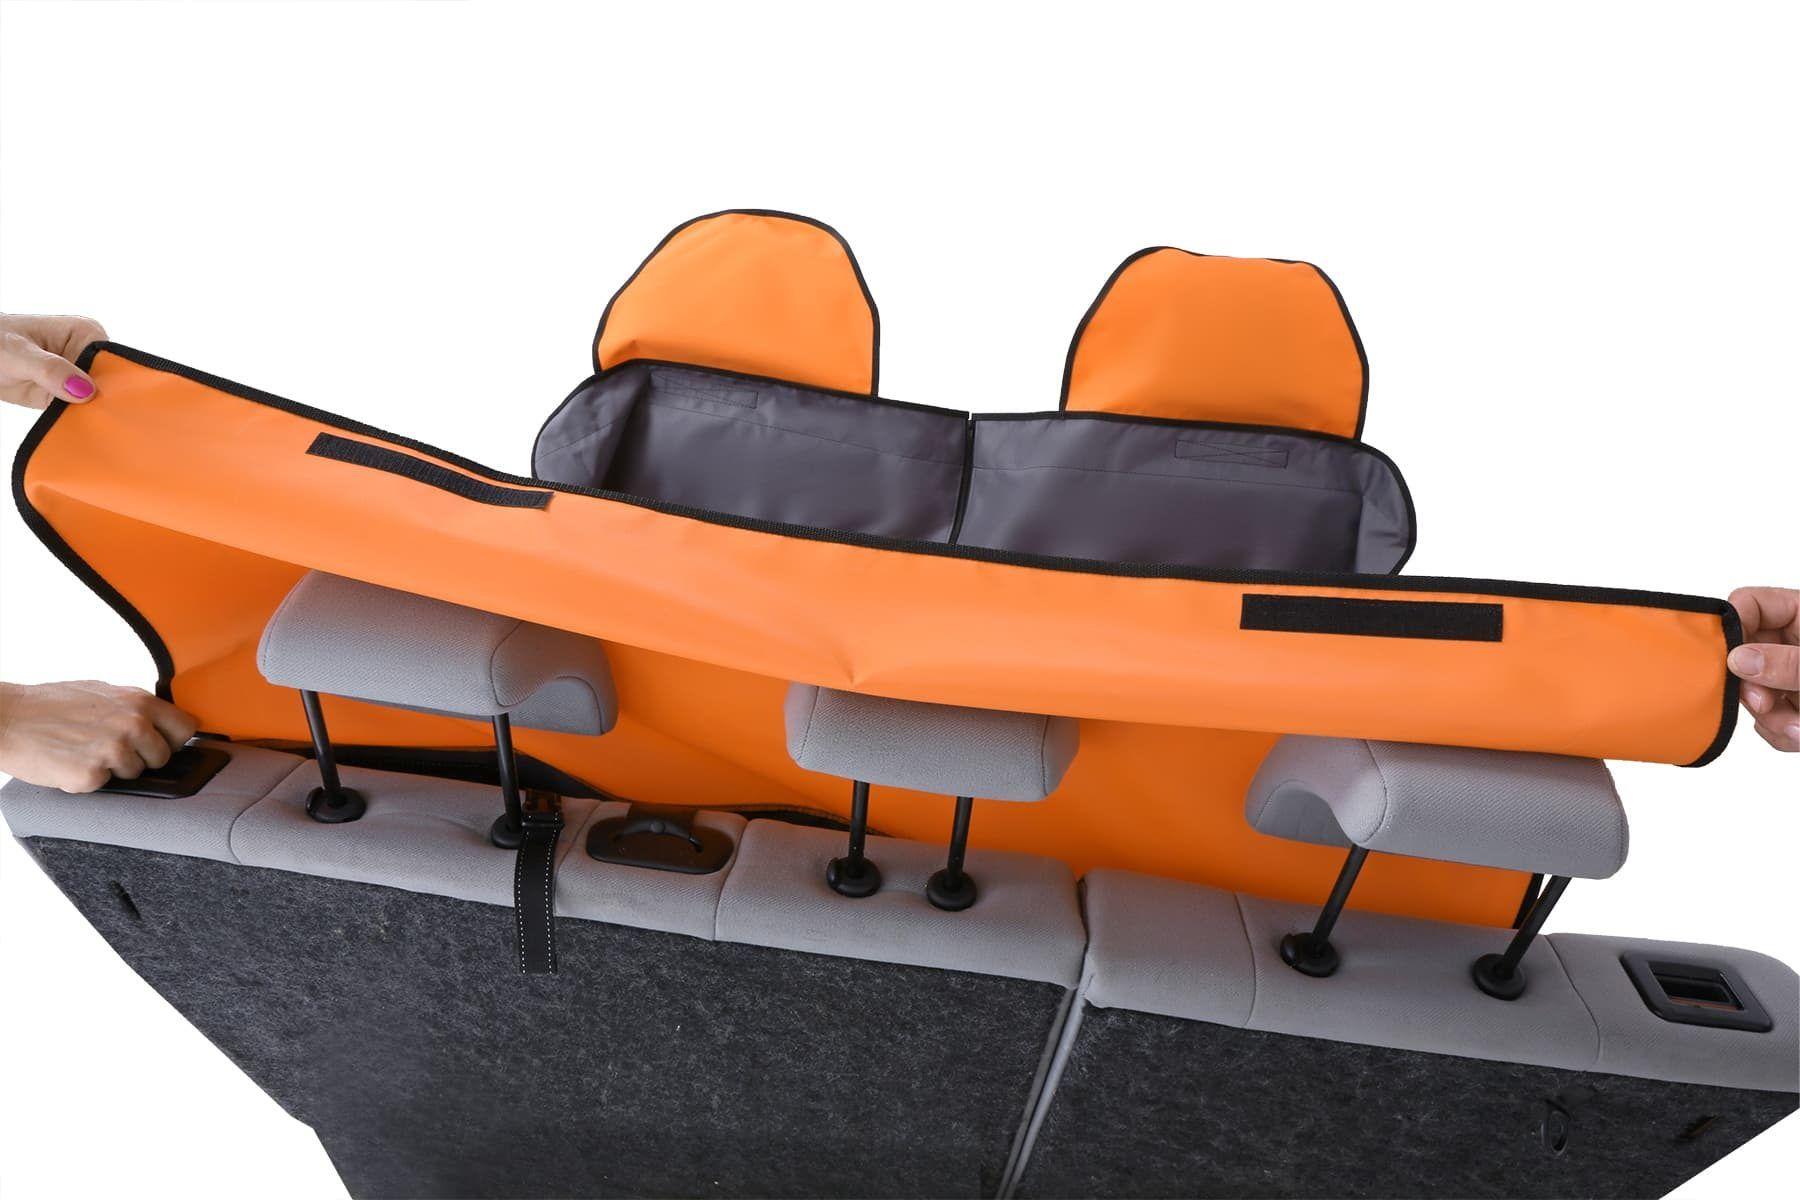 Mata samochodowa z nakładkami na zagłówki - Kardimata Activ z zamkiem